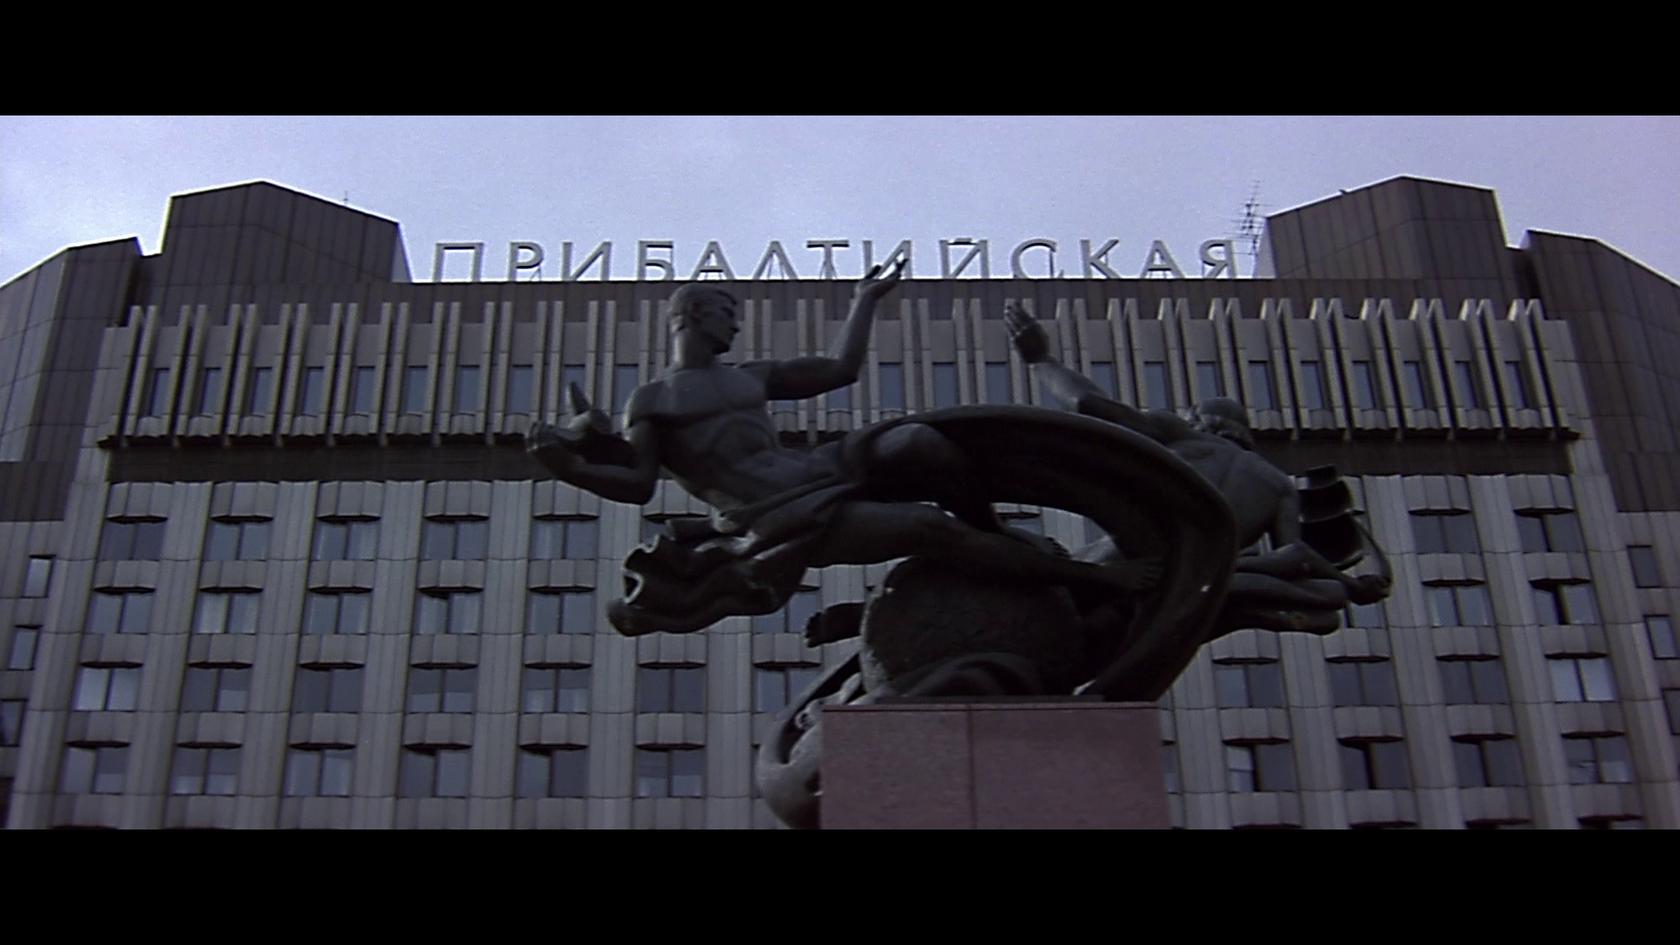 Гостиница «Прибалтийская», номер с окнами на море. Здесь герой Шона Коннери живёт в Ленинграде.